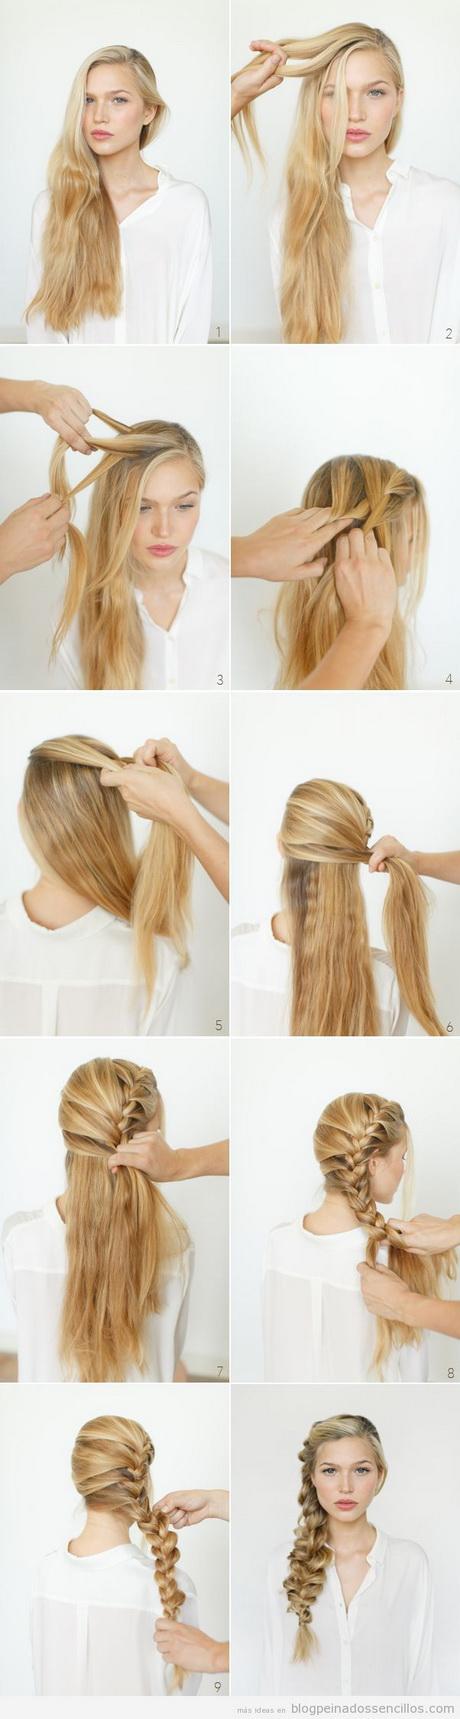 Peinados adolescentes ampliamente conocidos